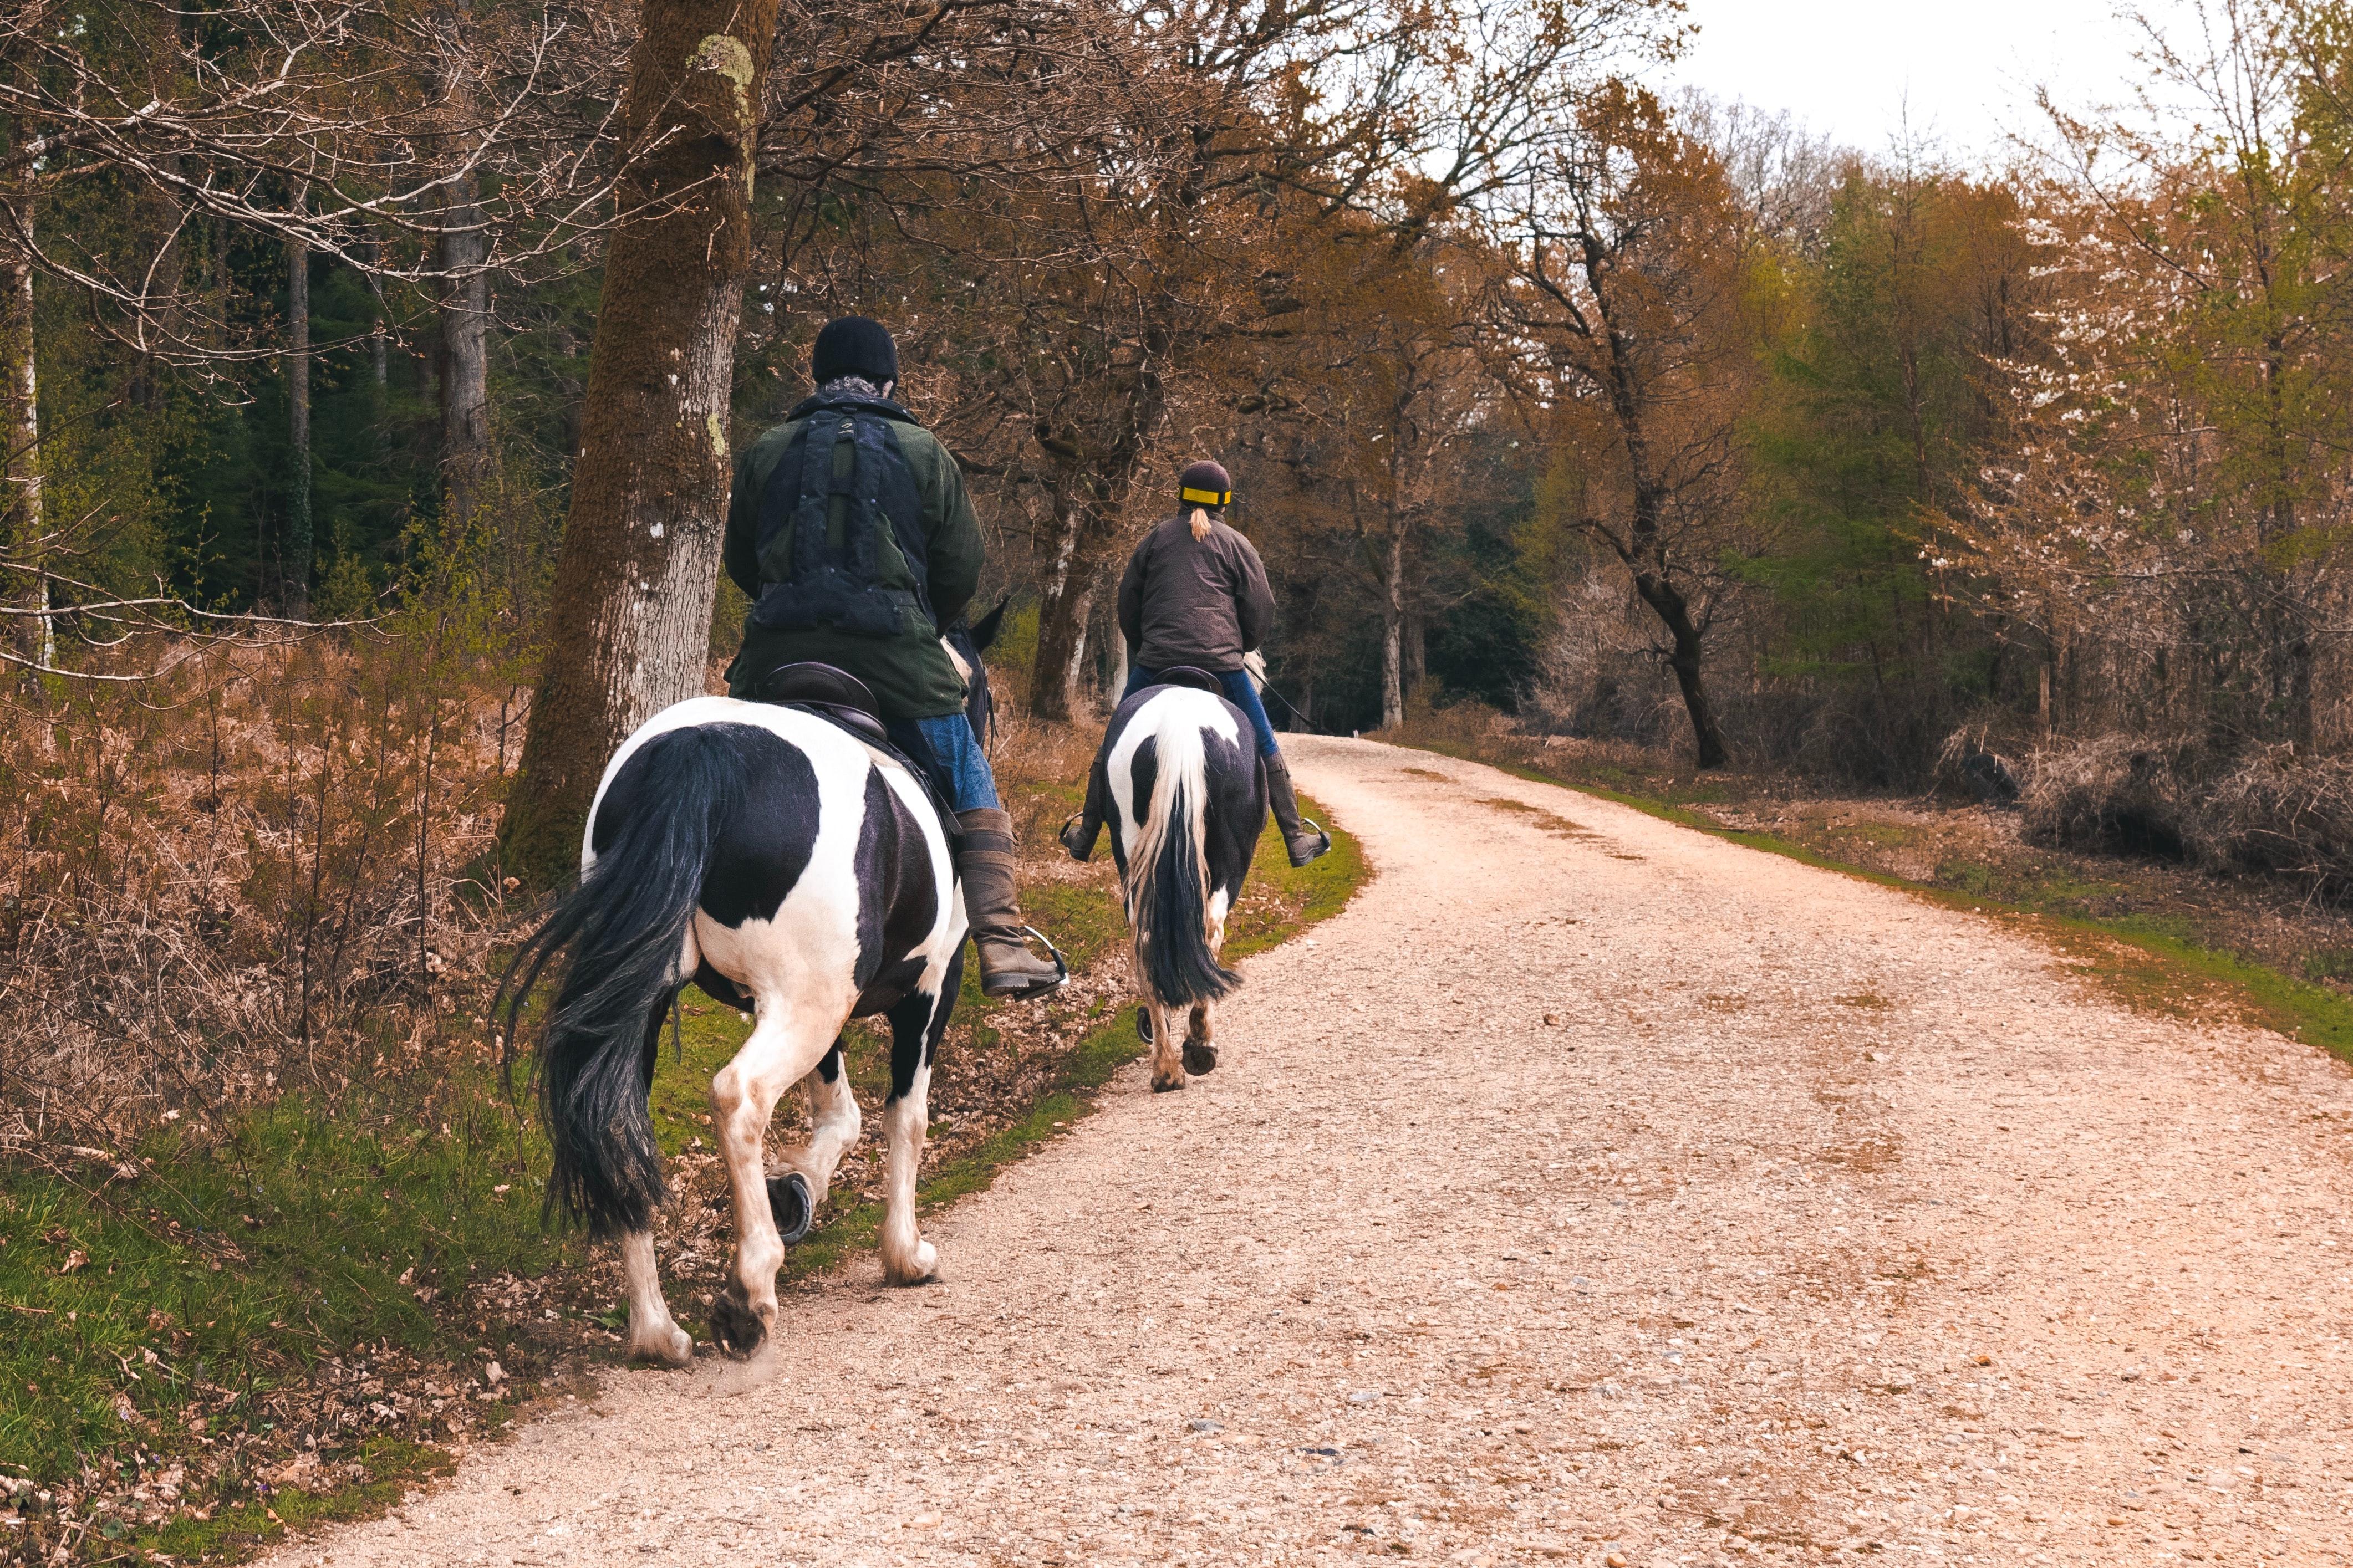 horses in road.jpg (3.38 MB)